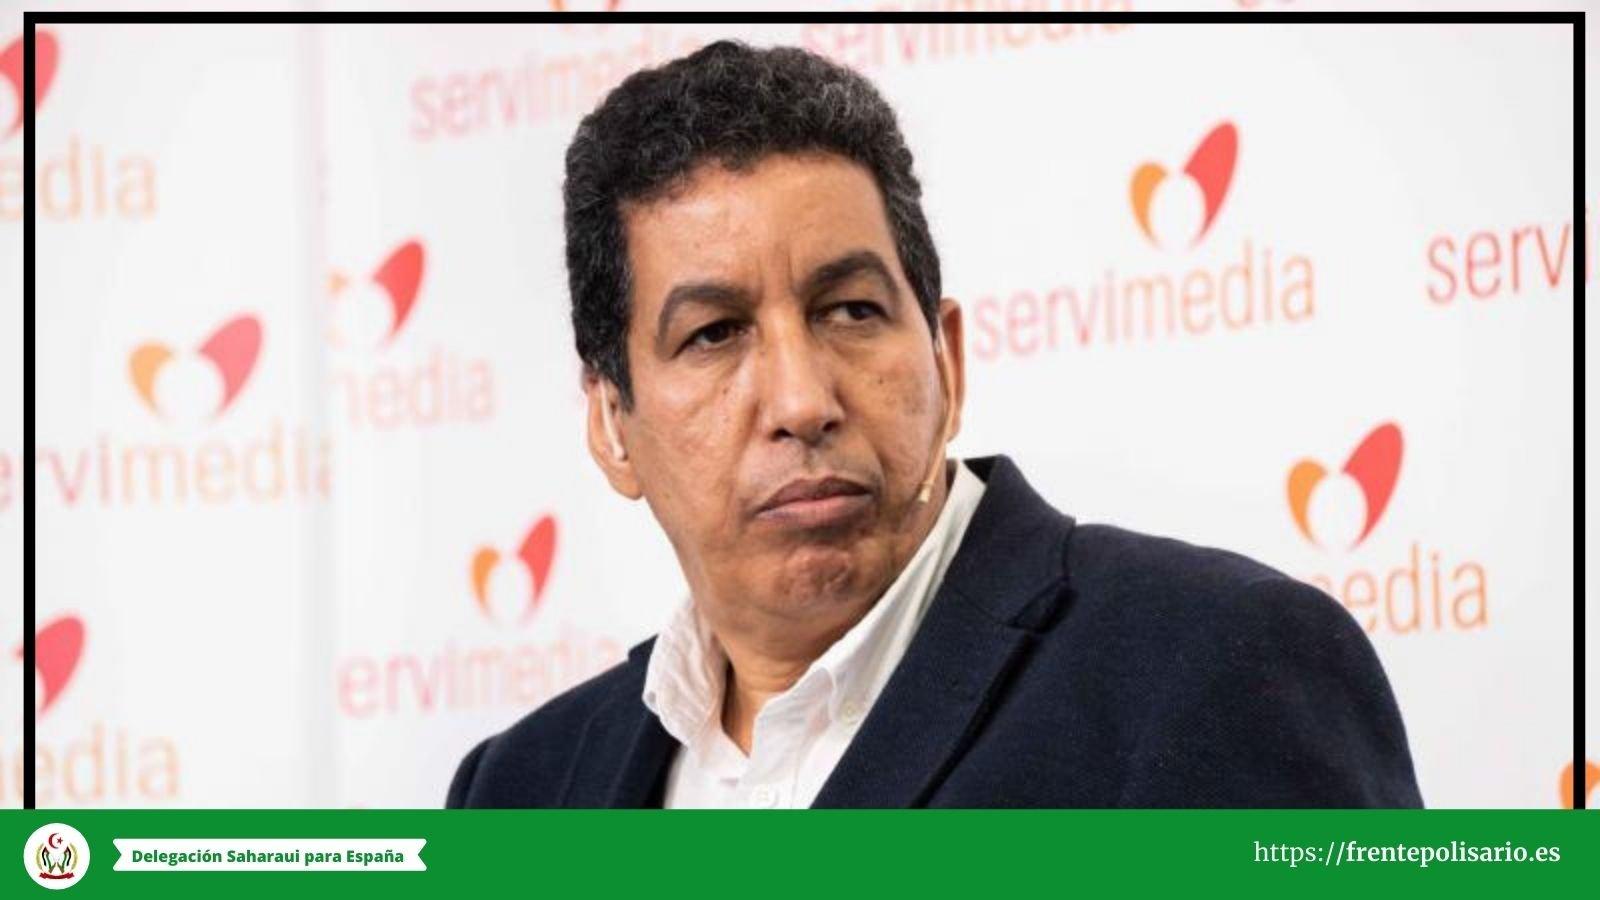 Delegado saharaui en España, Abdulah Arabi